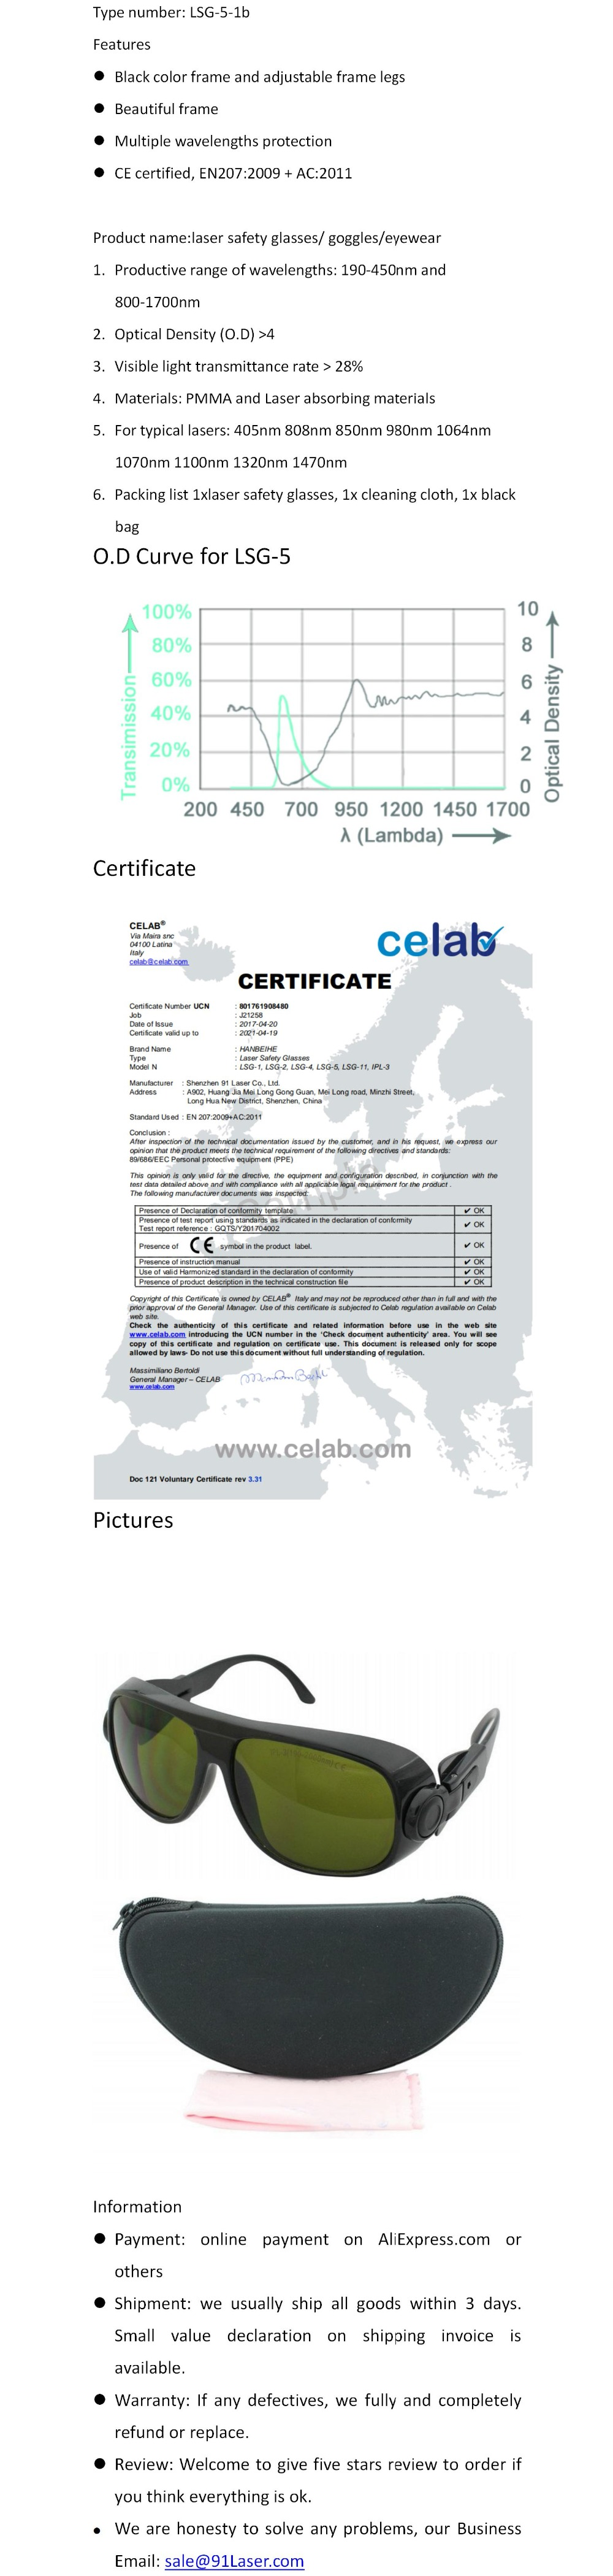 Очки для защиты от лазерного излучения для 190-450nm и 800-1700nm 405nm 808nm 860nm 980nm 1064nm 1320nm 1470nm лазеры CE